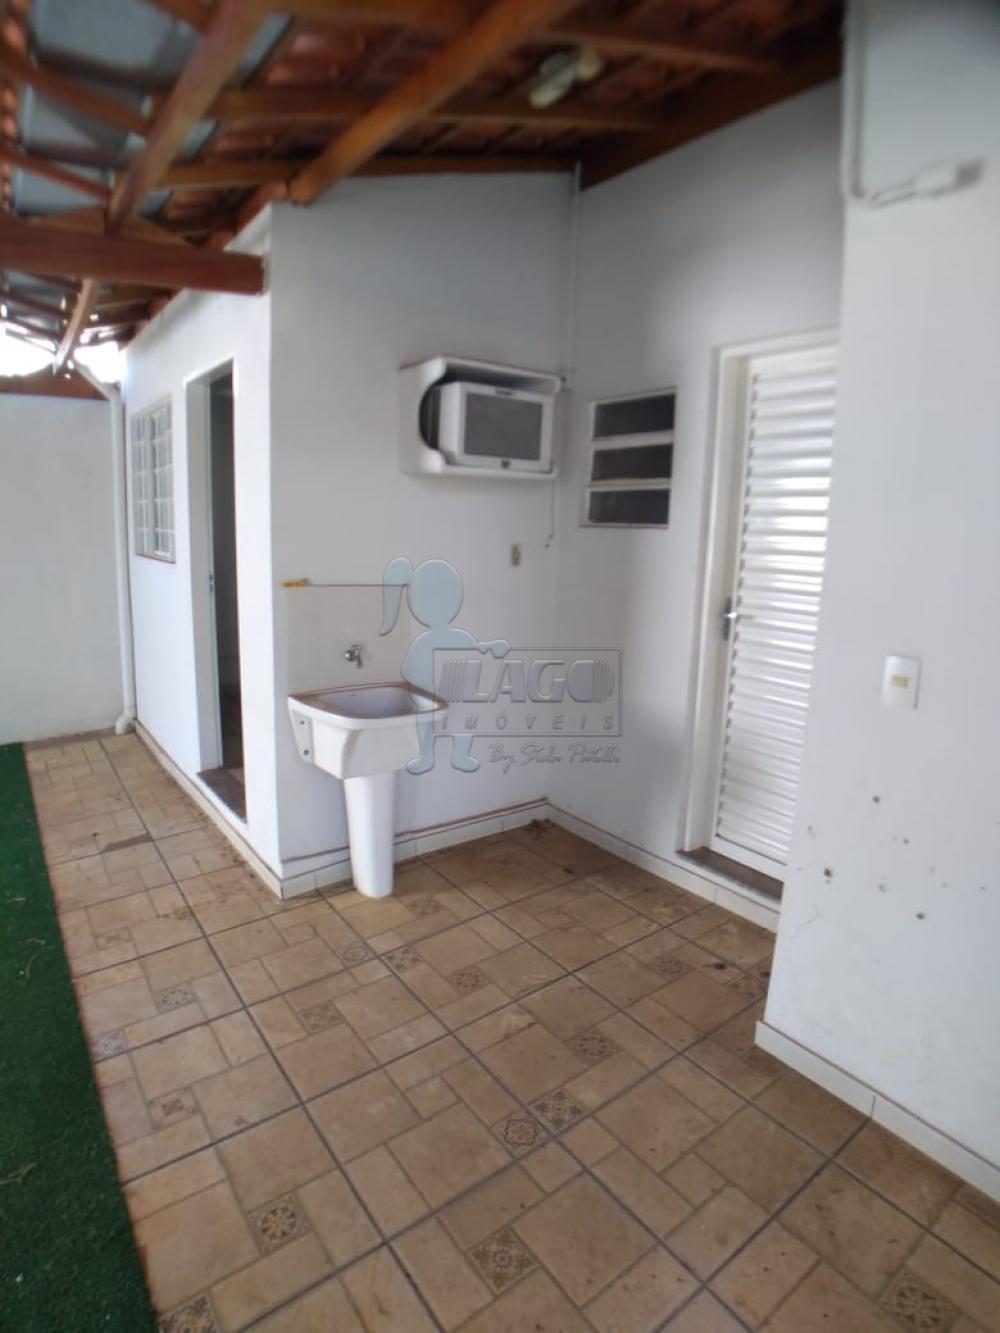 Alugar Comercial / Imóvel Comercial em Ribeirão Preto apenas R$ 3.500,00 - Foto 13